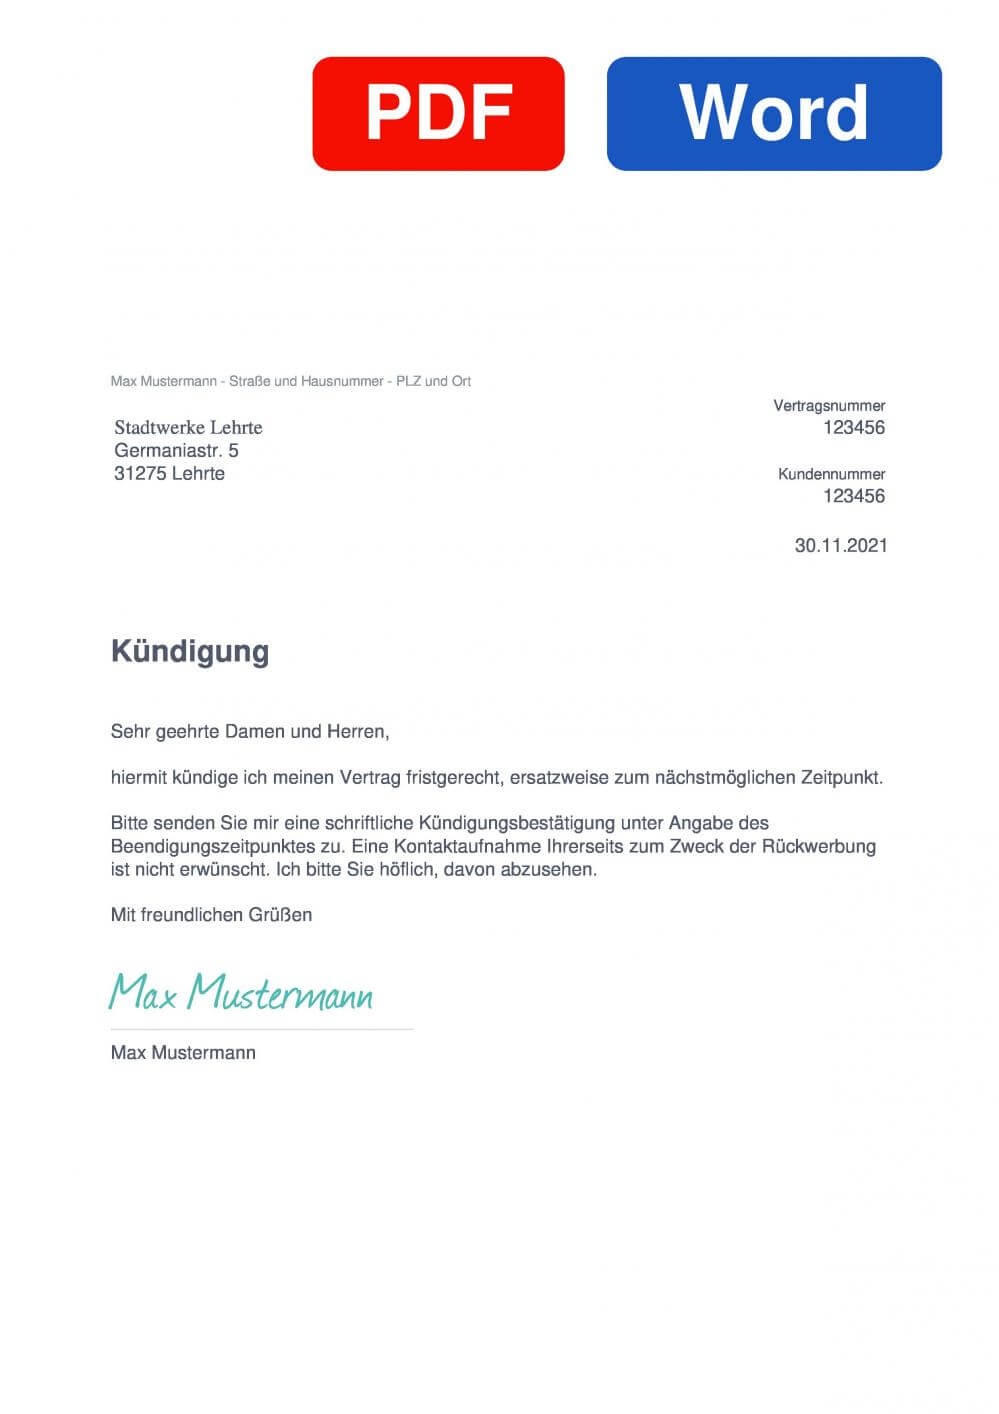 Stadtwerke Lehrte Muster Vorlage für Kündigungsschreiben